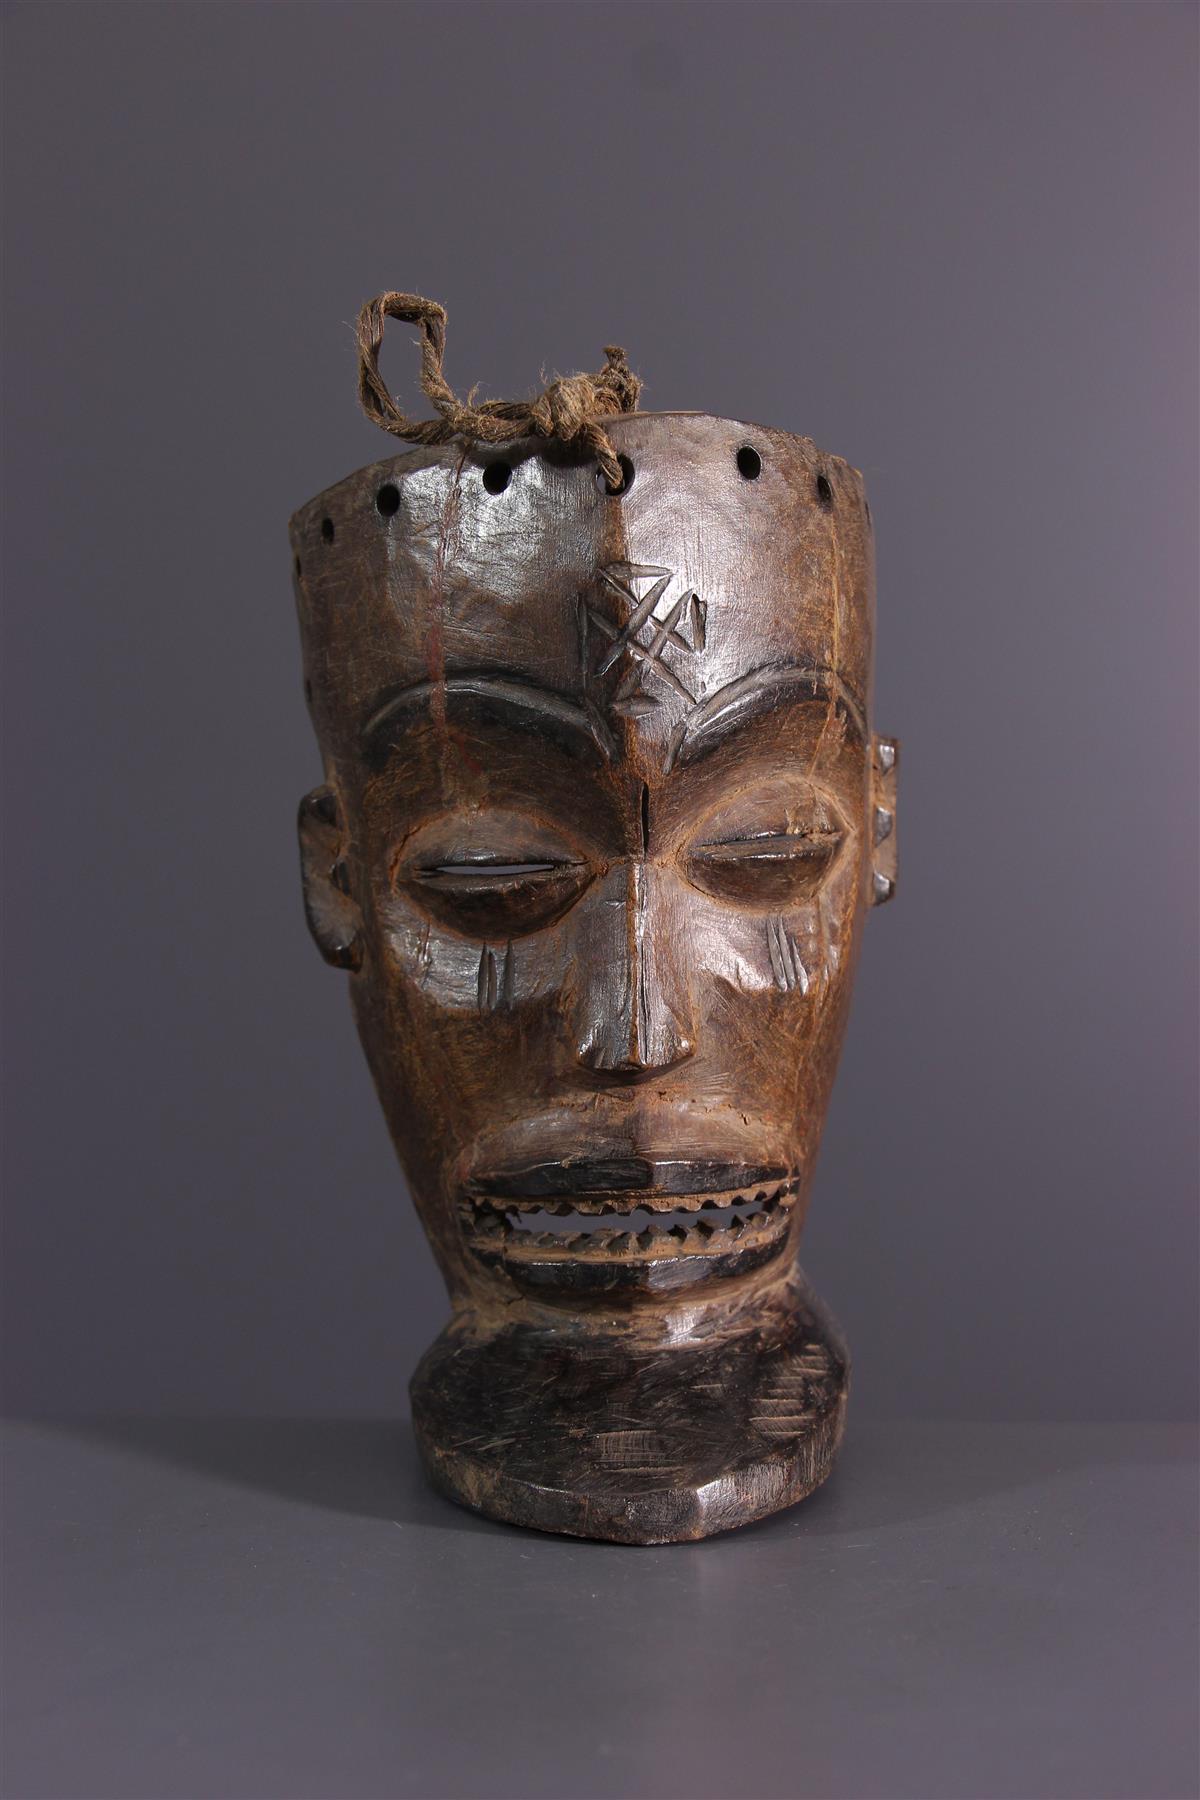 Chokwe masker - Afrikaanse kunst